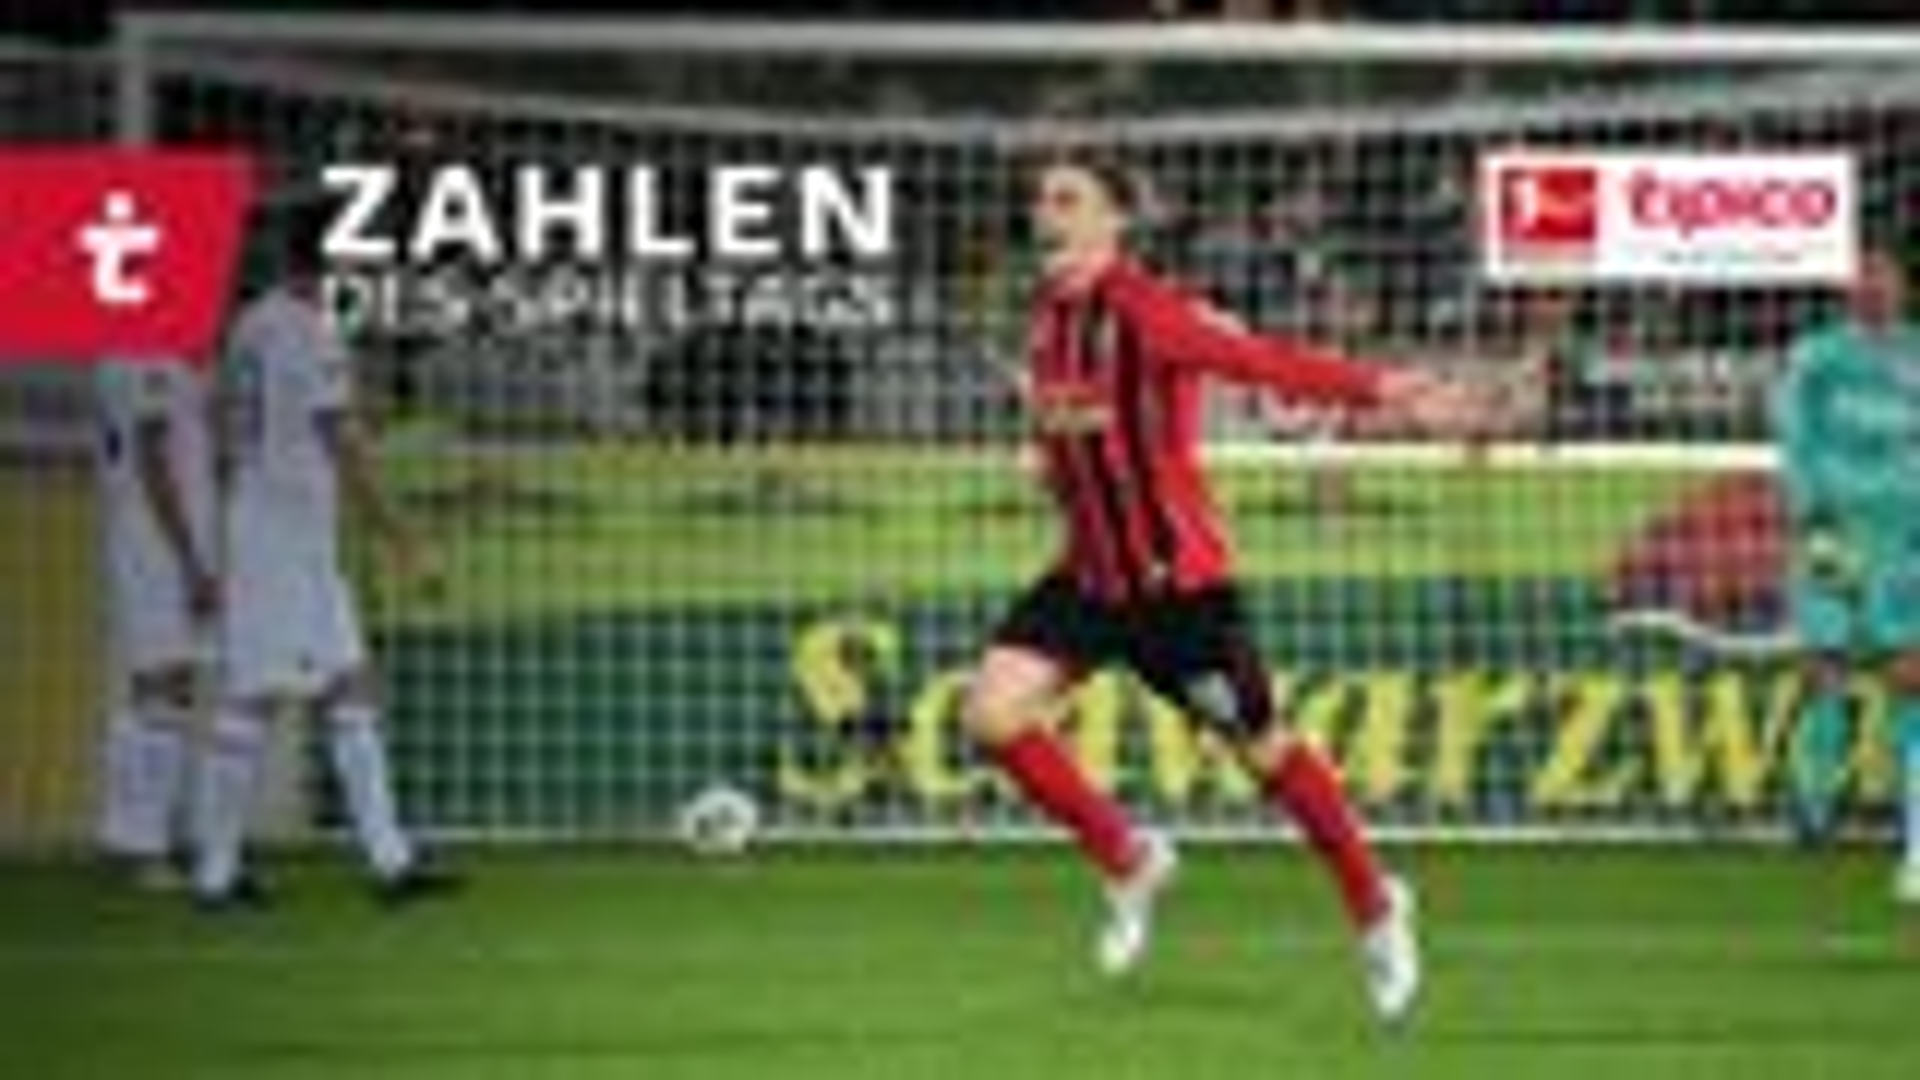 Rekorde, Jubiläen, Kurioses: 11. Spieltag in Zahlen